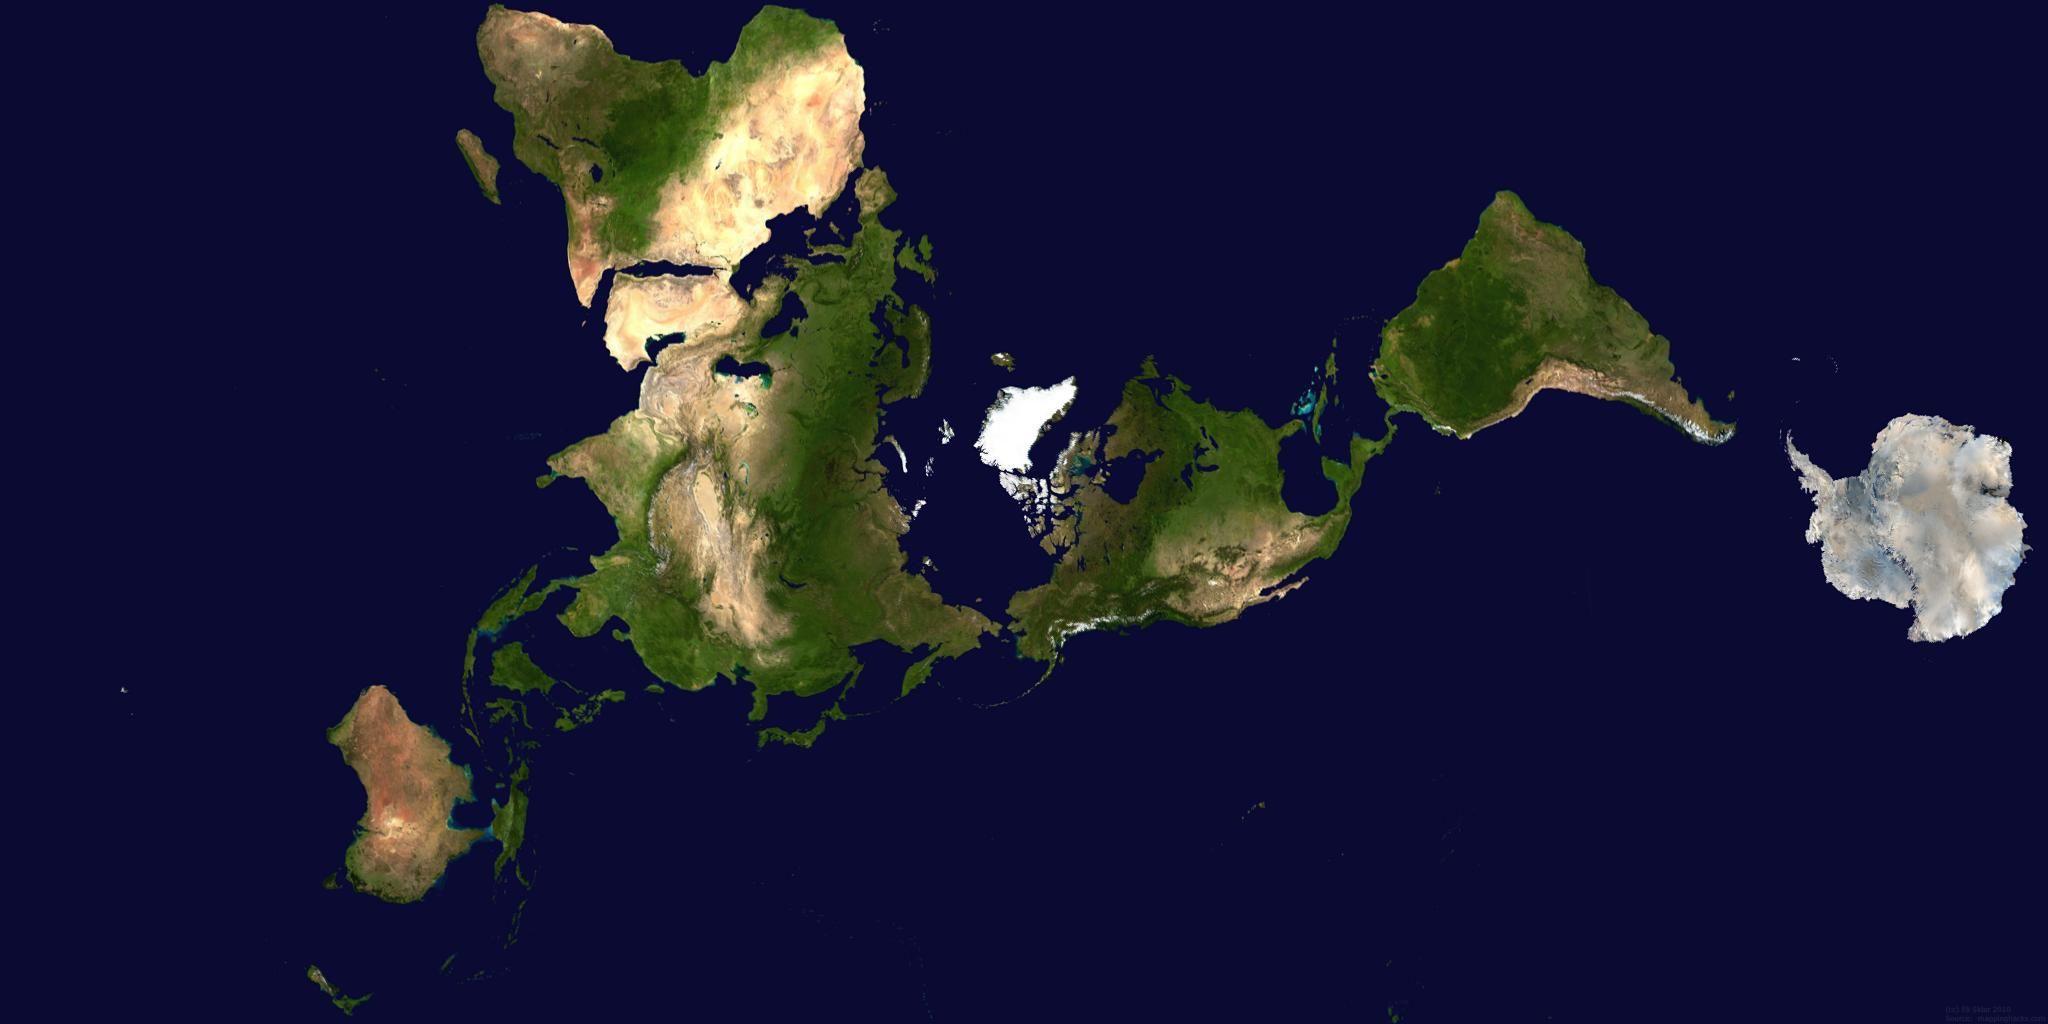 dymaxion map Google dymaxion map